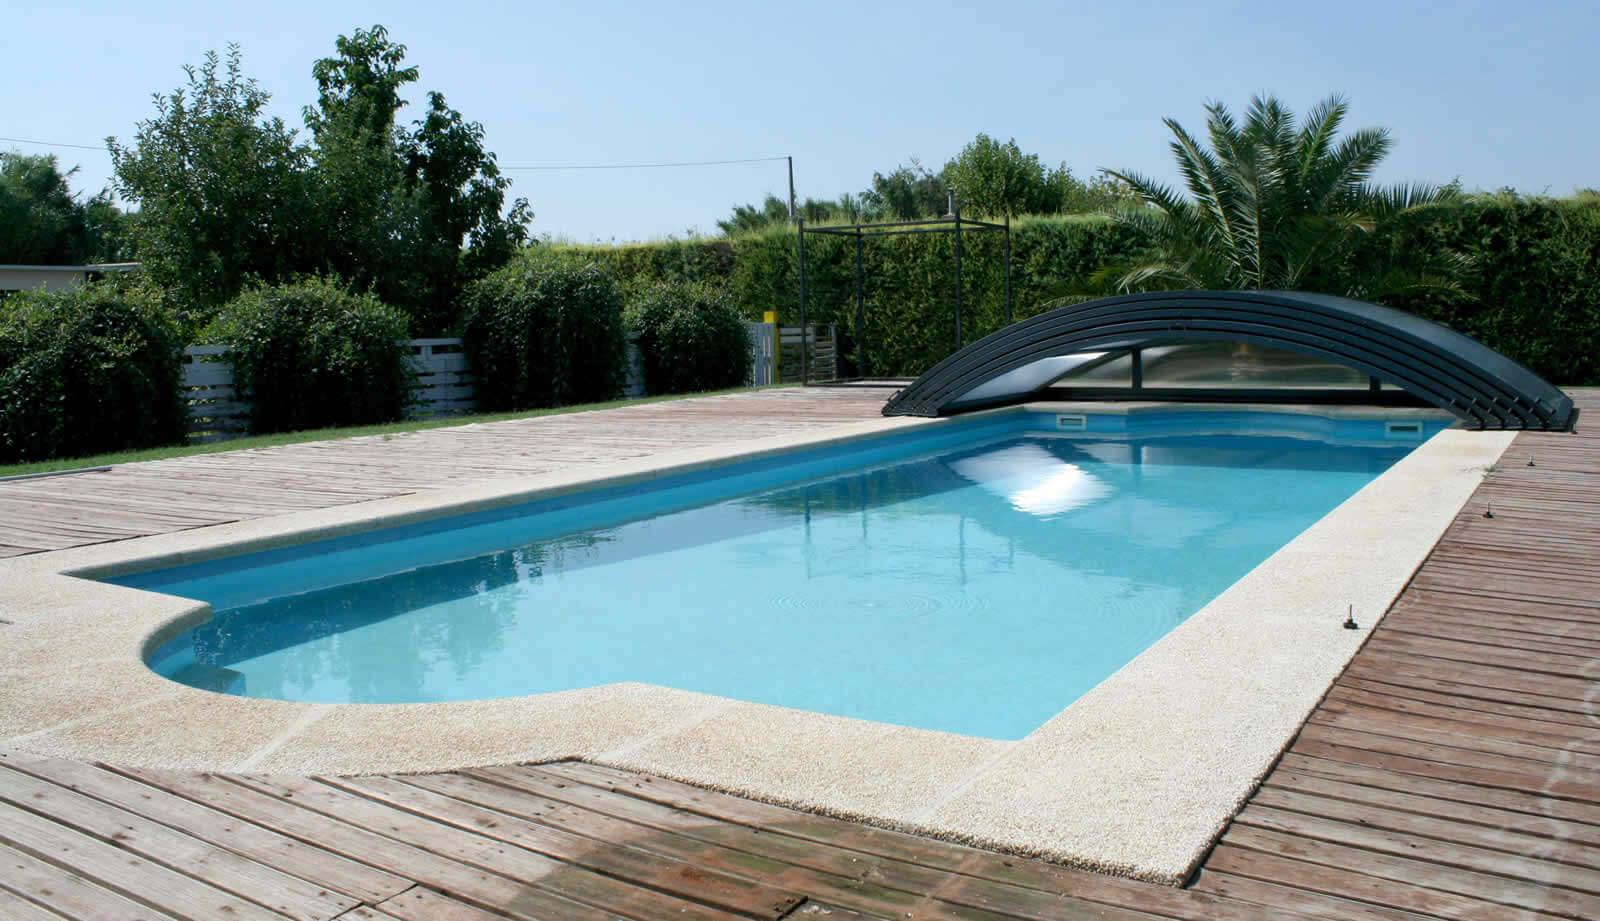 Calidad fabricaci n y calidad de control tecnyvan - Fabricacion de piscinas ...